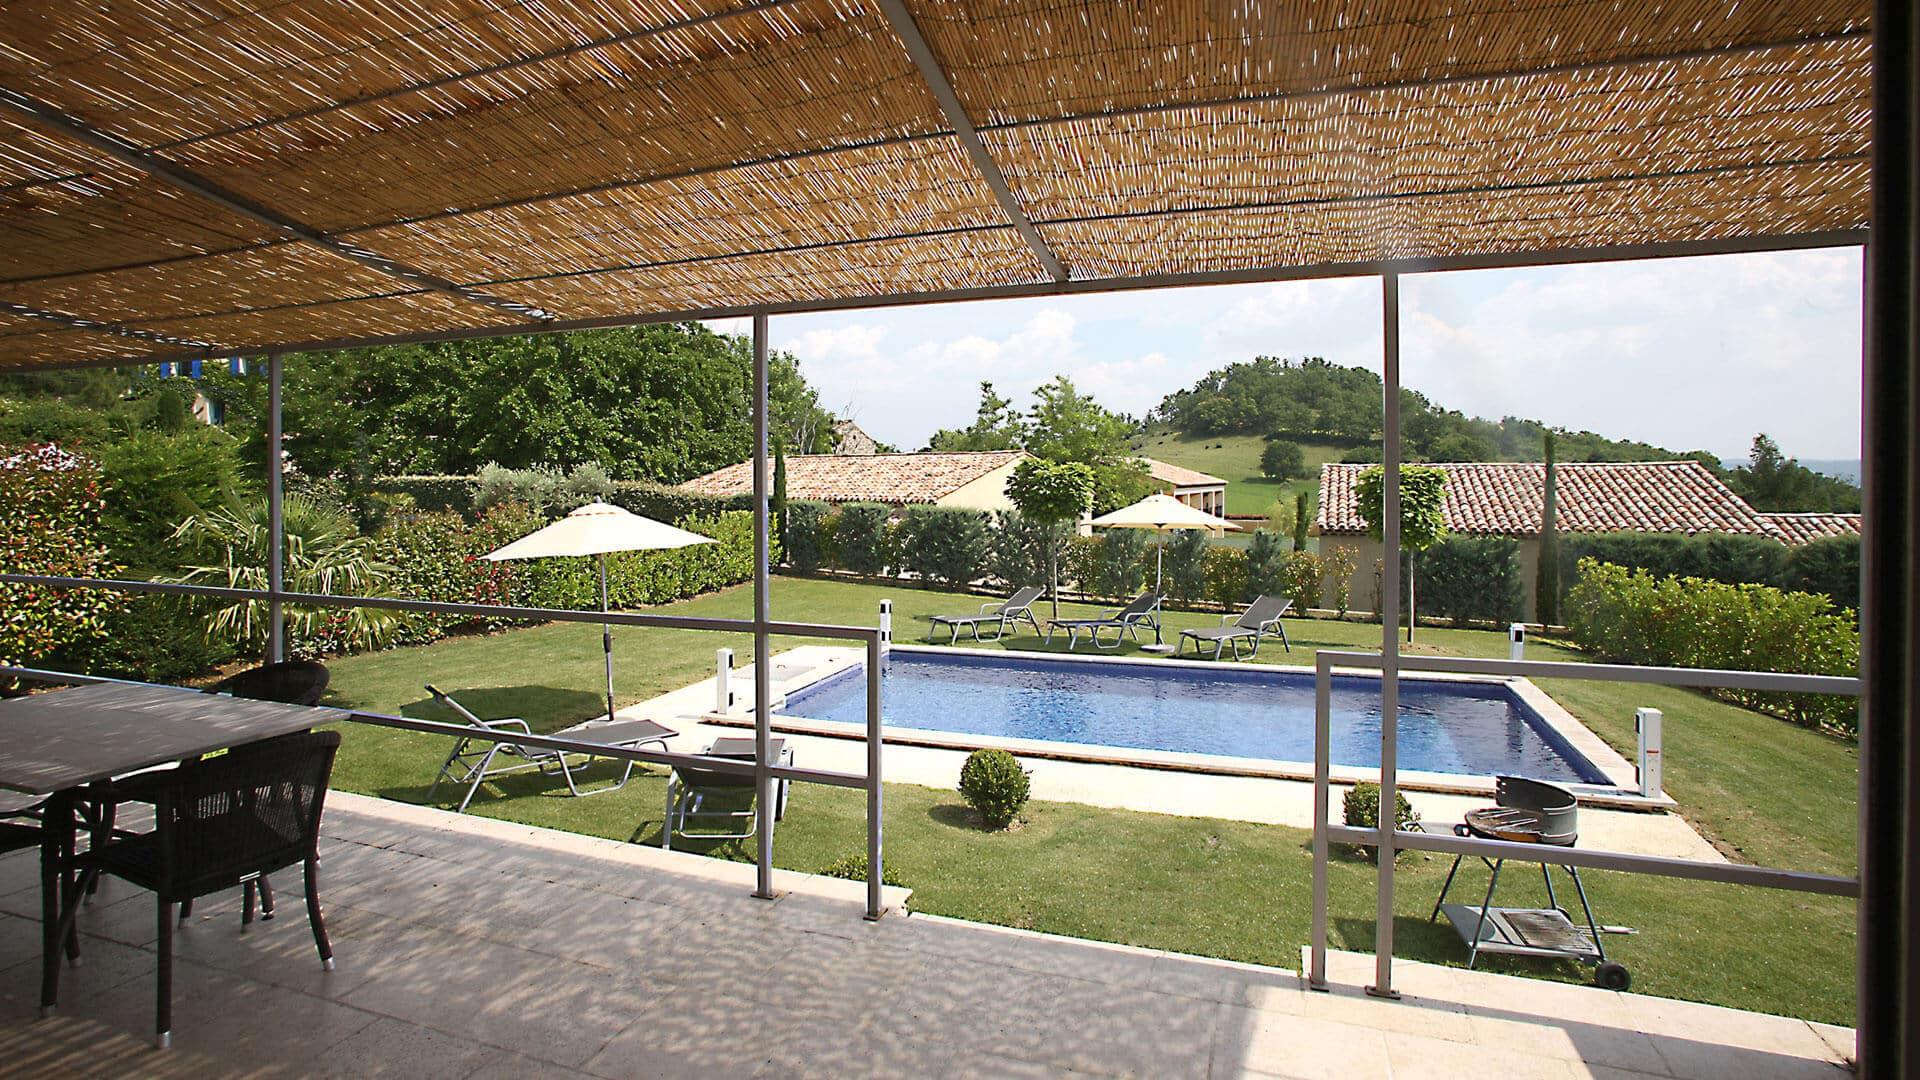 Villa blanche location villa avec piscine provence for Location villa salon de provence